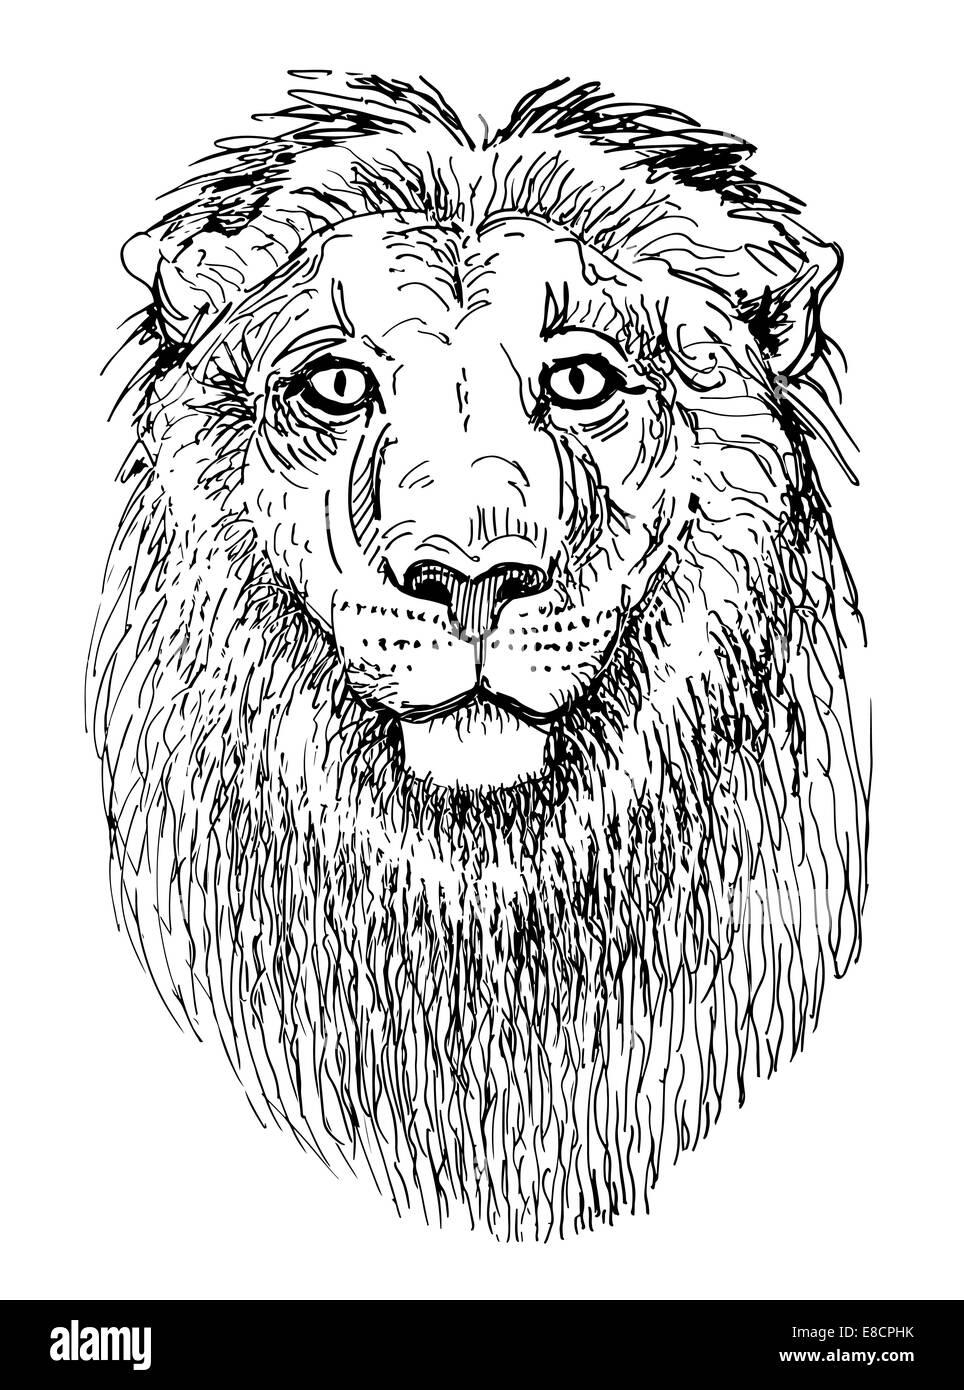 Artwork Lion Schizzo In Bianco E Nero Il Disegno Della Testa Degli